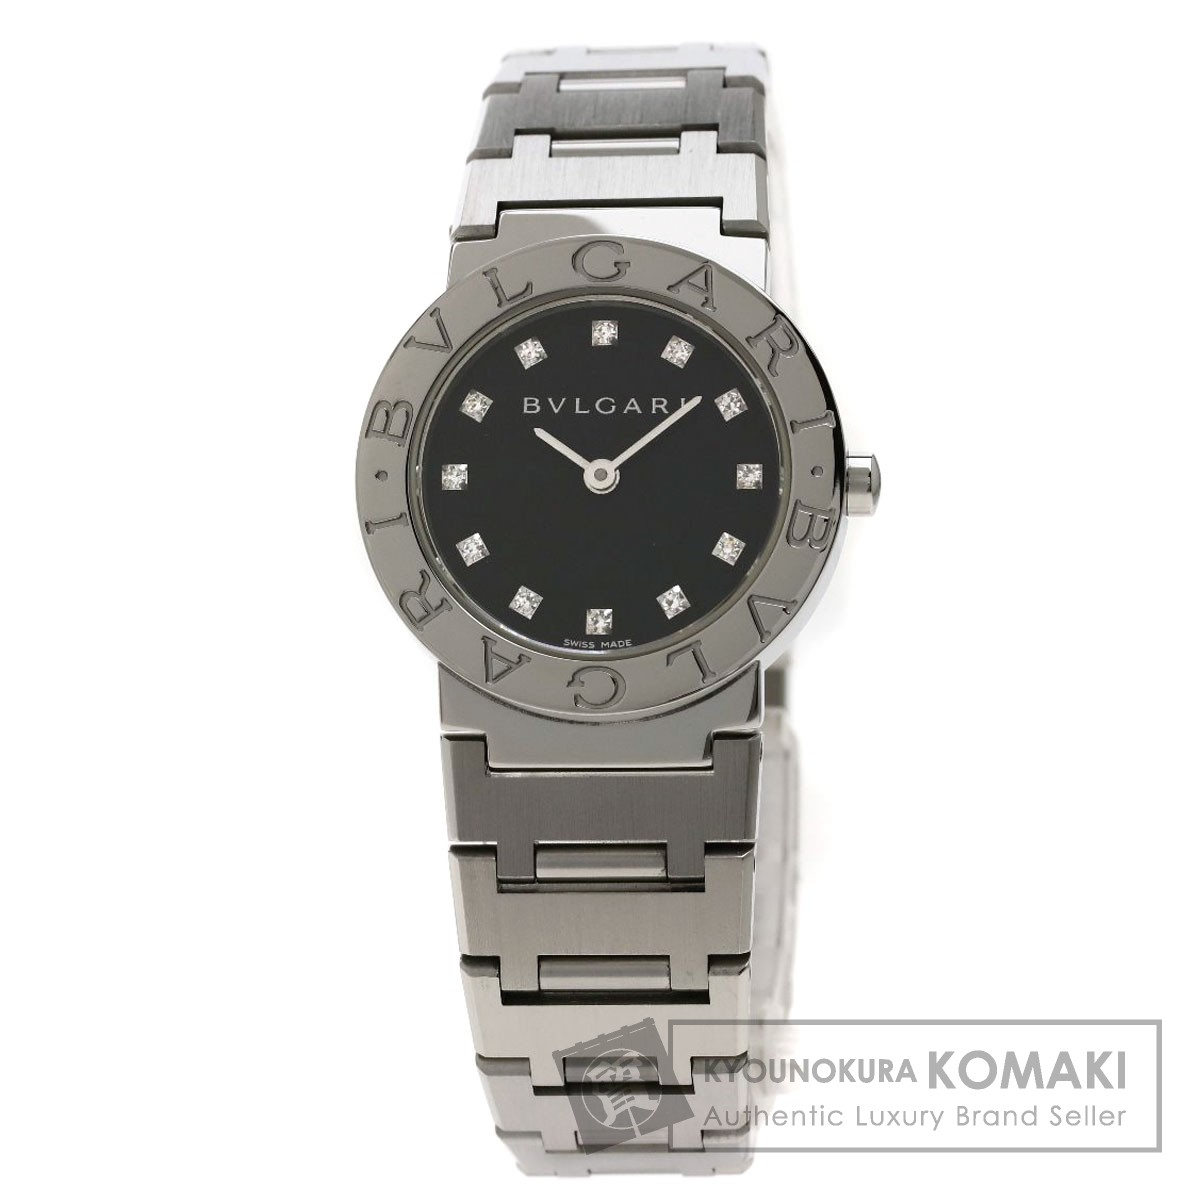 BVLGARI BB26SS ブルガリブルガリ 12Pダイヤモンド 腕時計 ステンレススチール/SS レディース 【中古】【ブルガリ】